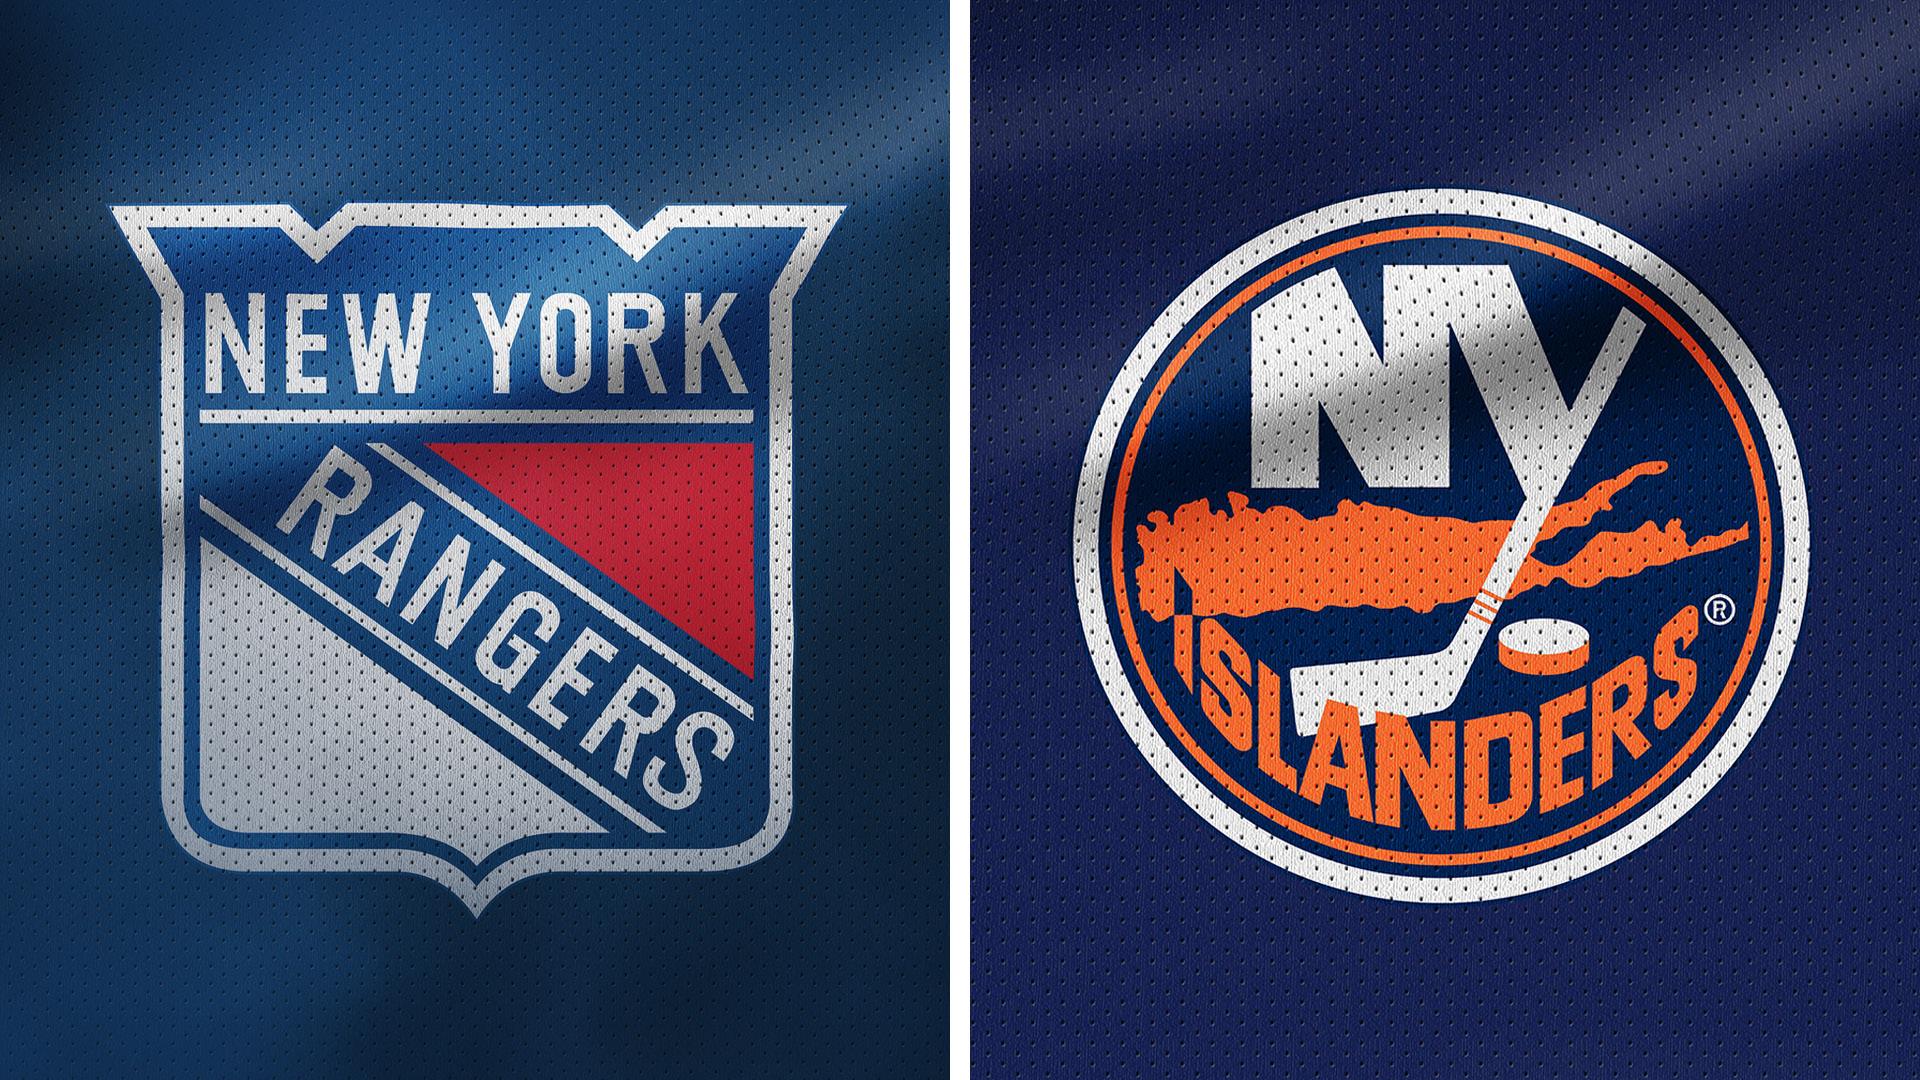 """Rivalmöten - Klubbens främsta rivaler är naturligtvis de båda New York klubbarna - New York Rangers och New York Islanders. Avståndet mellan klubbarna är inte alls långt och rivaliteten är stor mellan lagen. Mötet mot Rangers brukar kallas för """"The Battle of Hudson River"""". En annan rival till Devils är Philadelphia Flyers."""